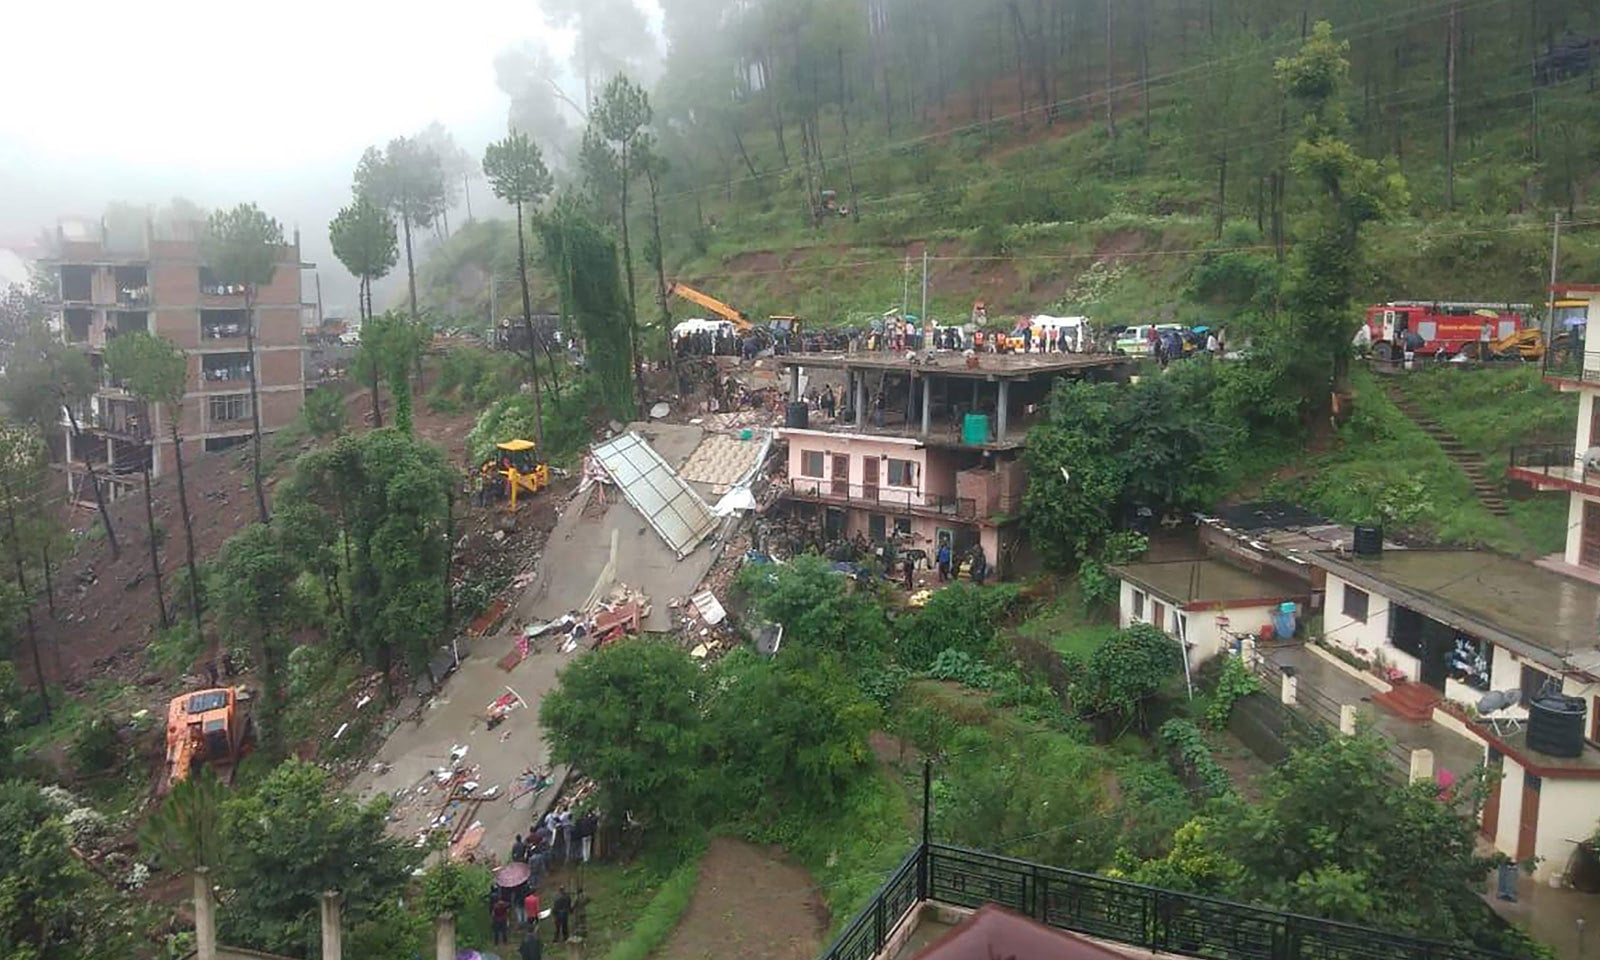 بھارتی ریاست ہماچل پردیش میں شدید بارشوں کے نتیجے میں کثیر المنزلہ عمارت گر گئی جس سے 8 افراد ہلاک ہو گئے— فوٹو: اے ایف پی